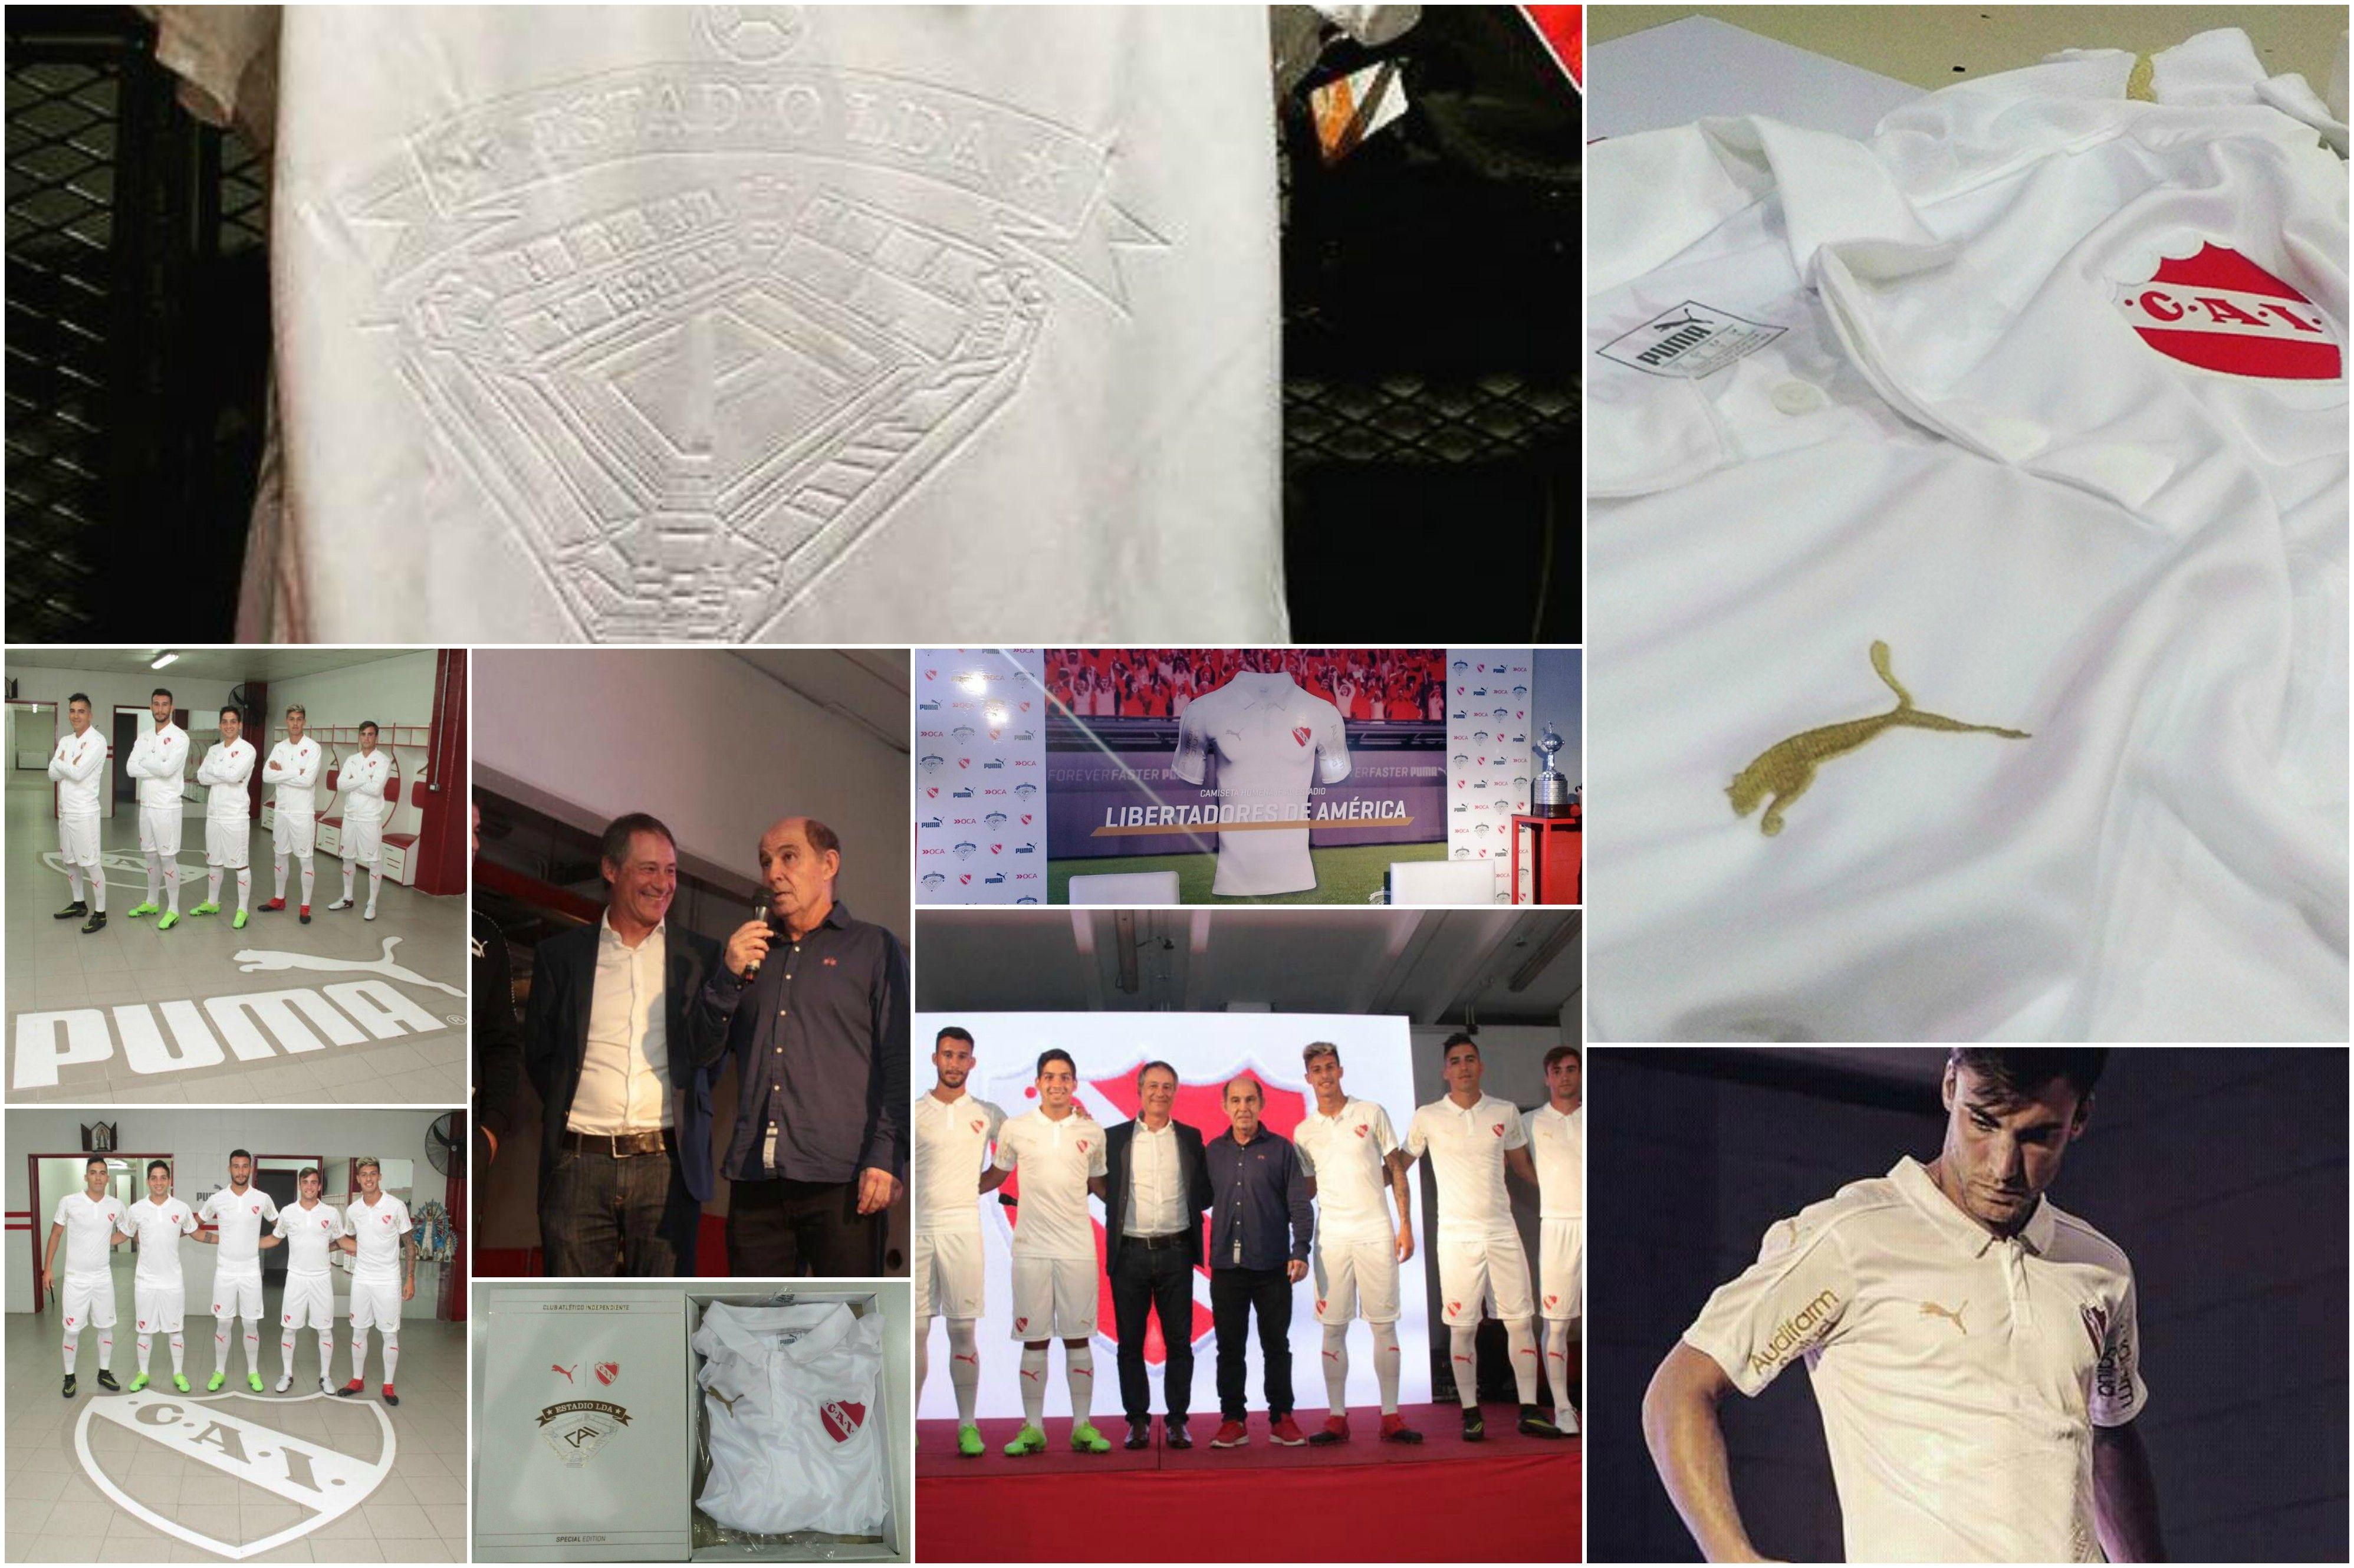 Fotos de la presentación de la nueva camiseta de Independiente